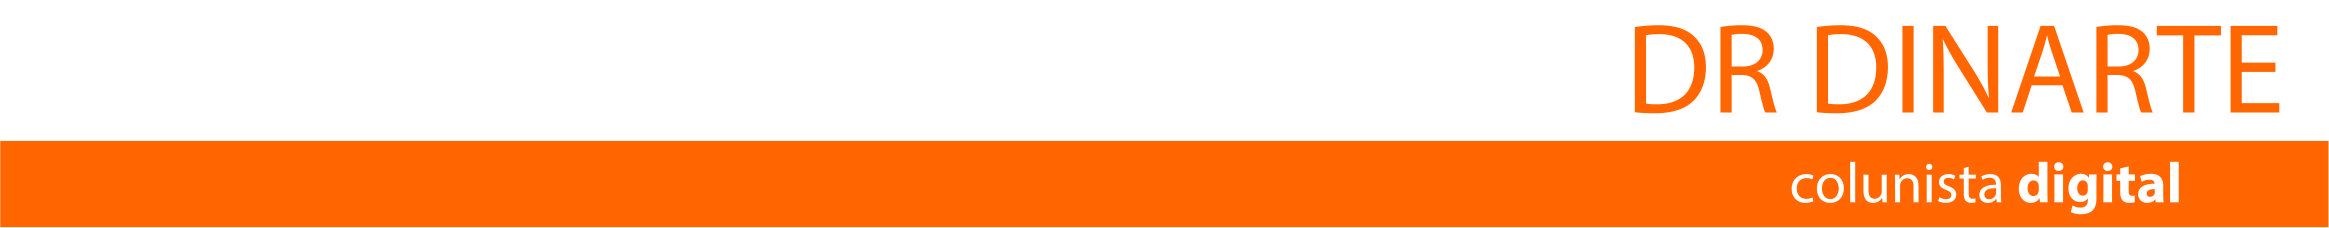 colunista-banner-drdinarte